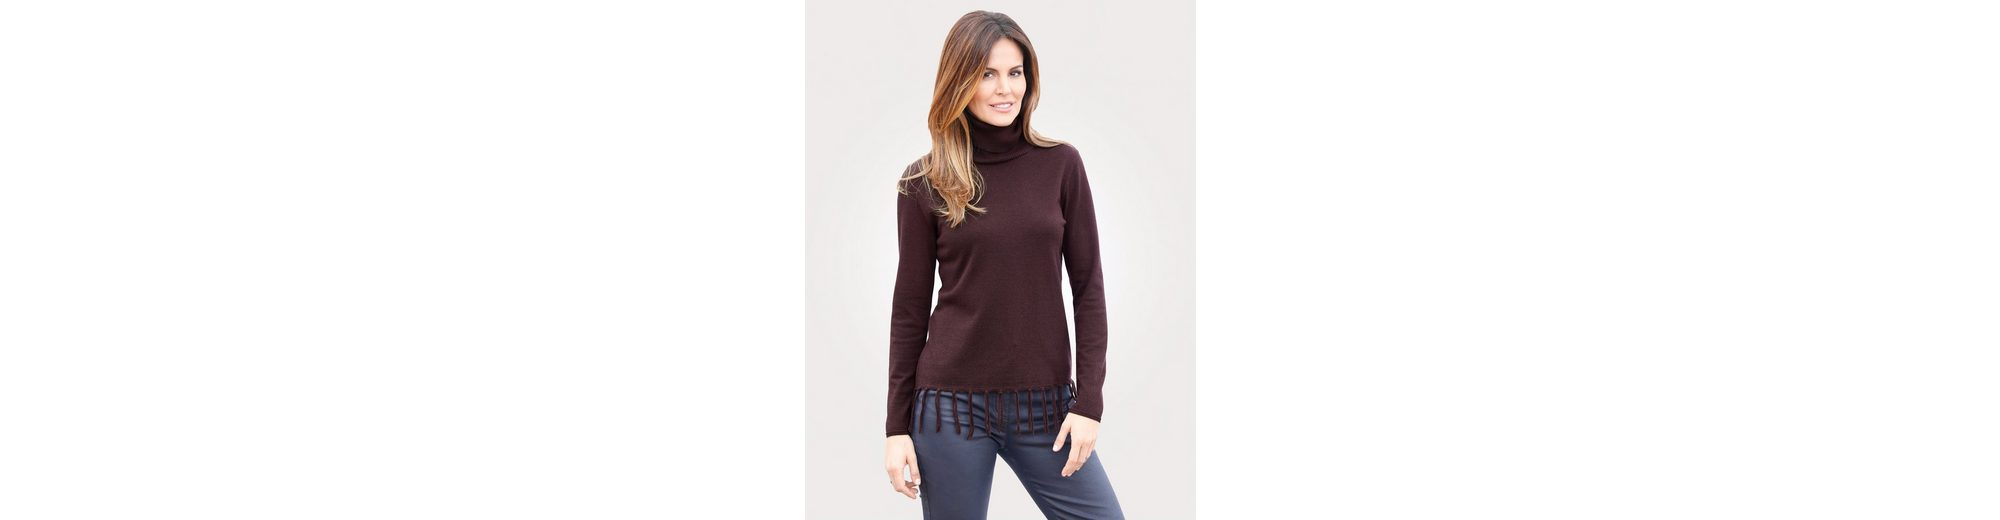 Pullover Mona Pullover Mona mit Fransenzier mit nv7UxqT0w